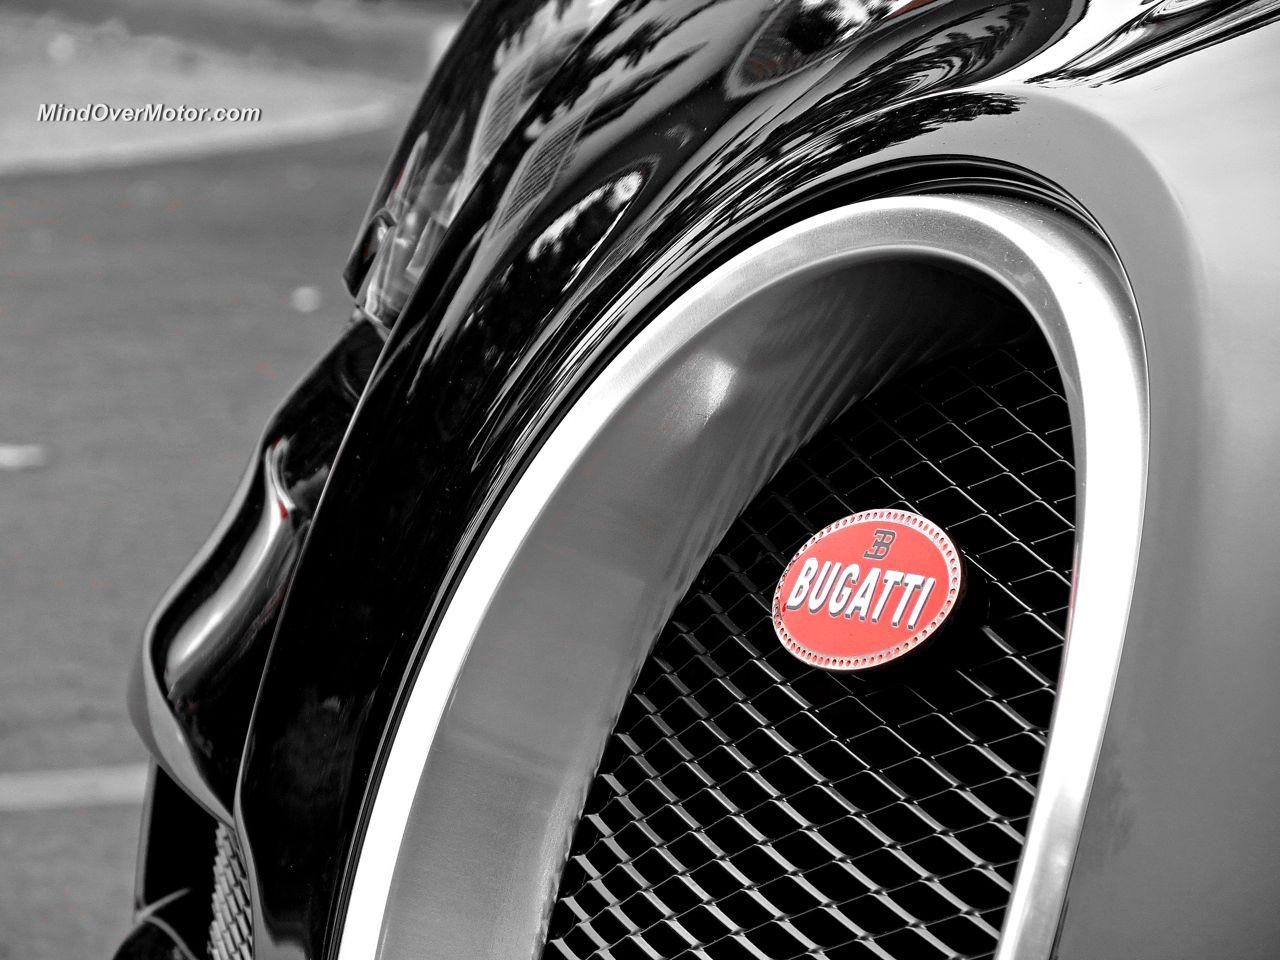 Bugatti Veyron Badge